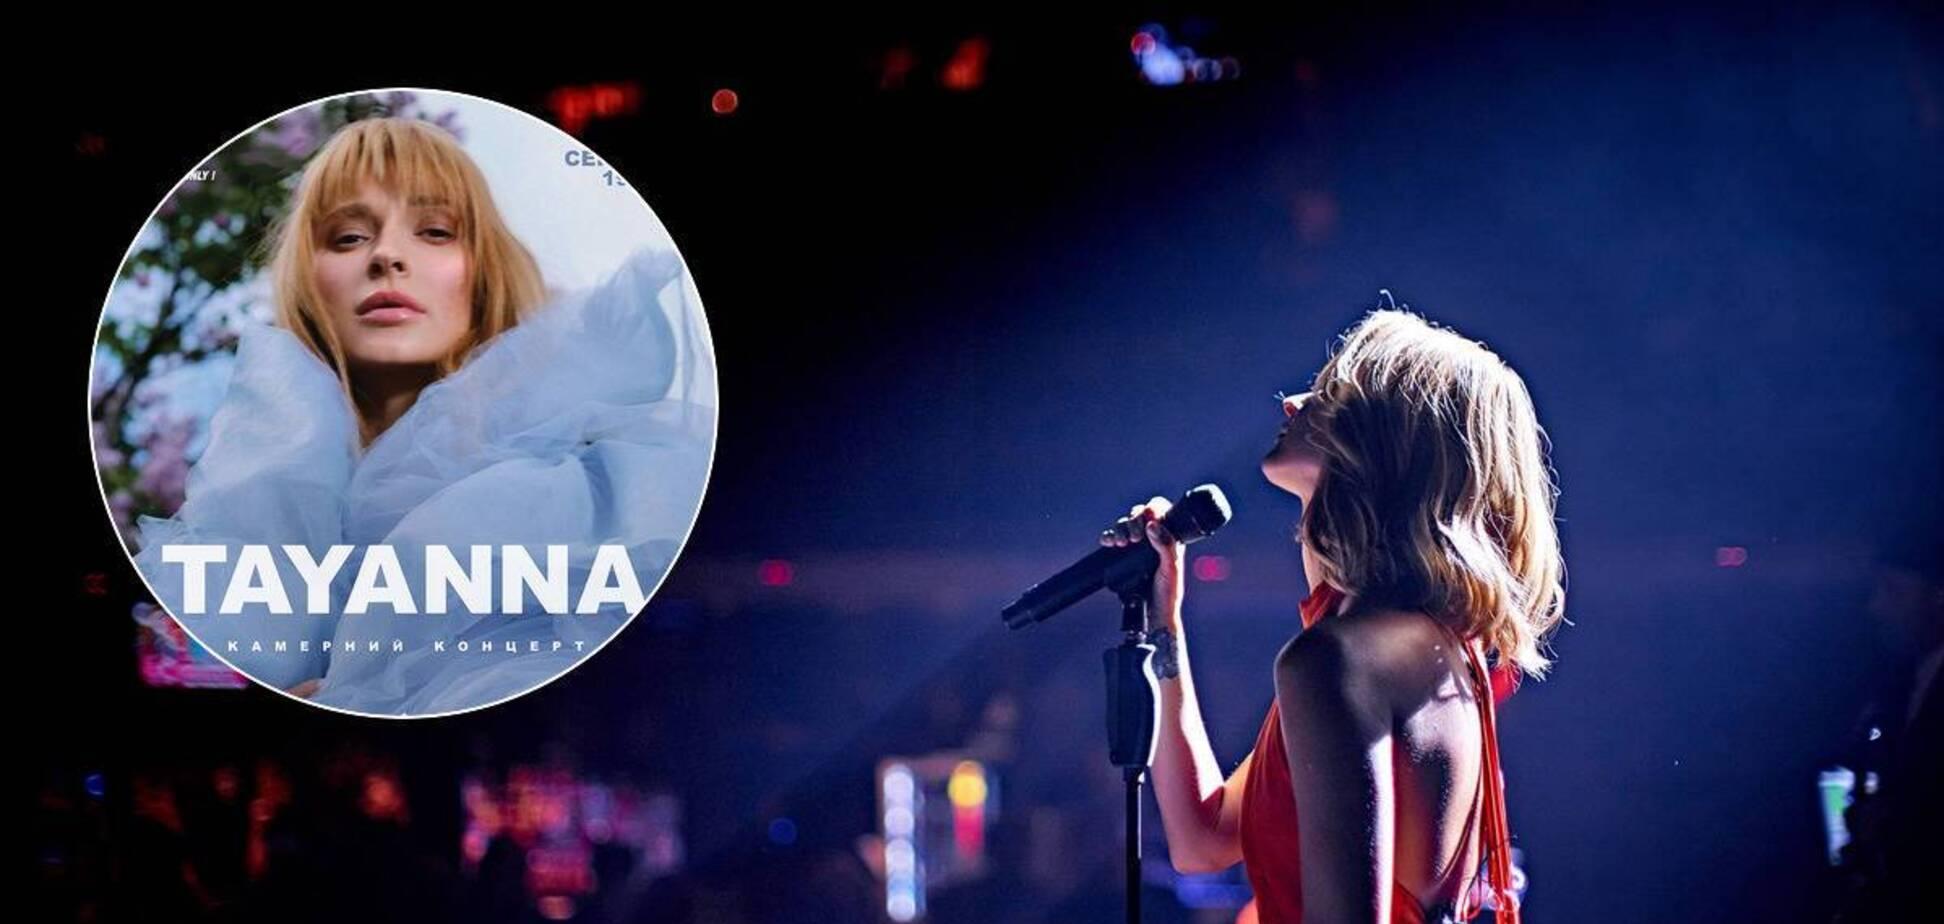 TAYANNA выступит с необычным концертом